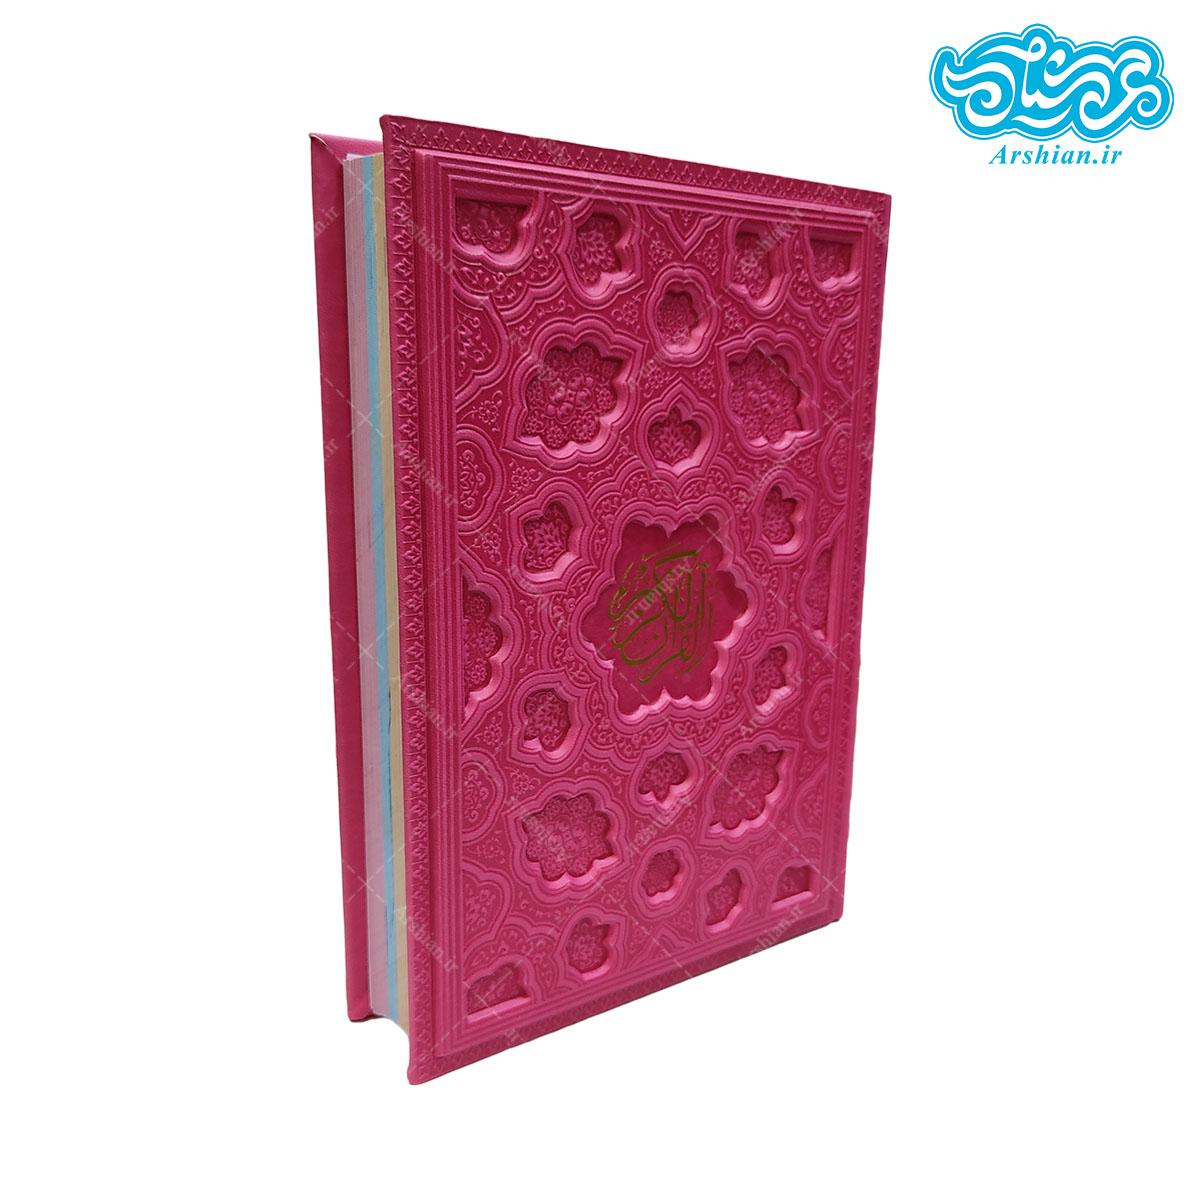 قرآن صفحه رنگی جلد مشبک وزیری بدون ترجمه